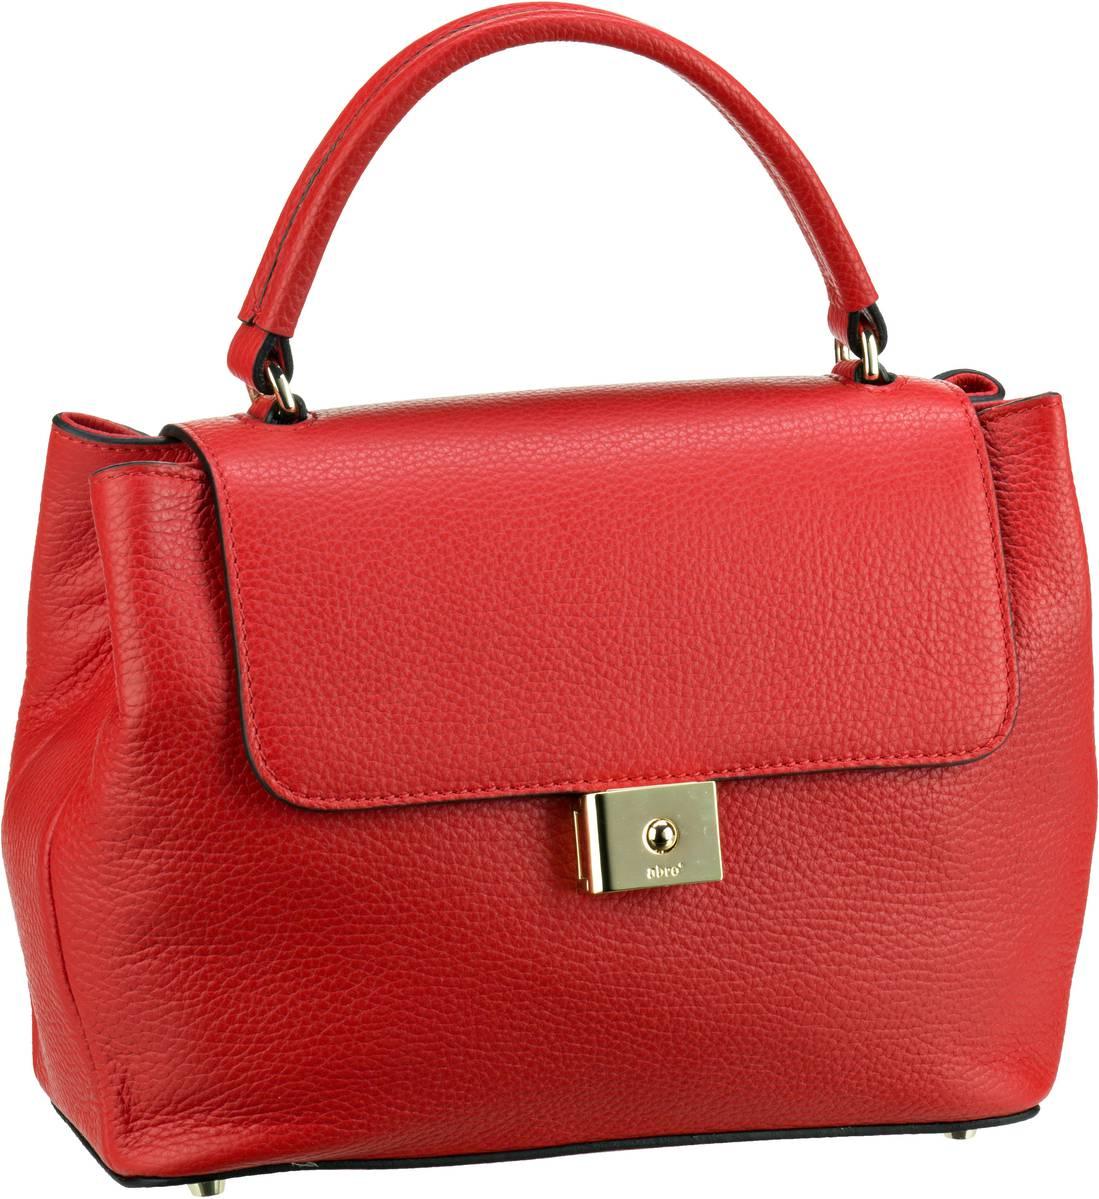 Handtaschen für Frauen - abro Handtasche Calf Adria 27908 Red  - Onlineshop Taschenkaufhaus